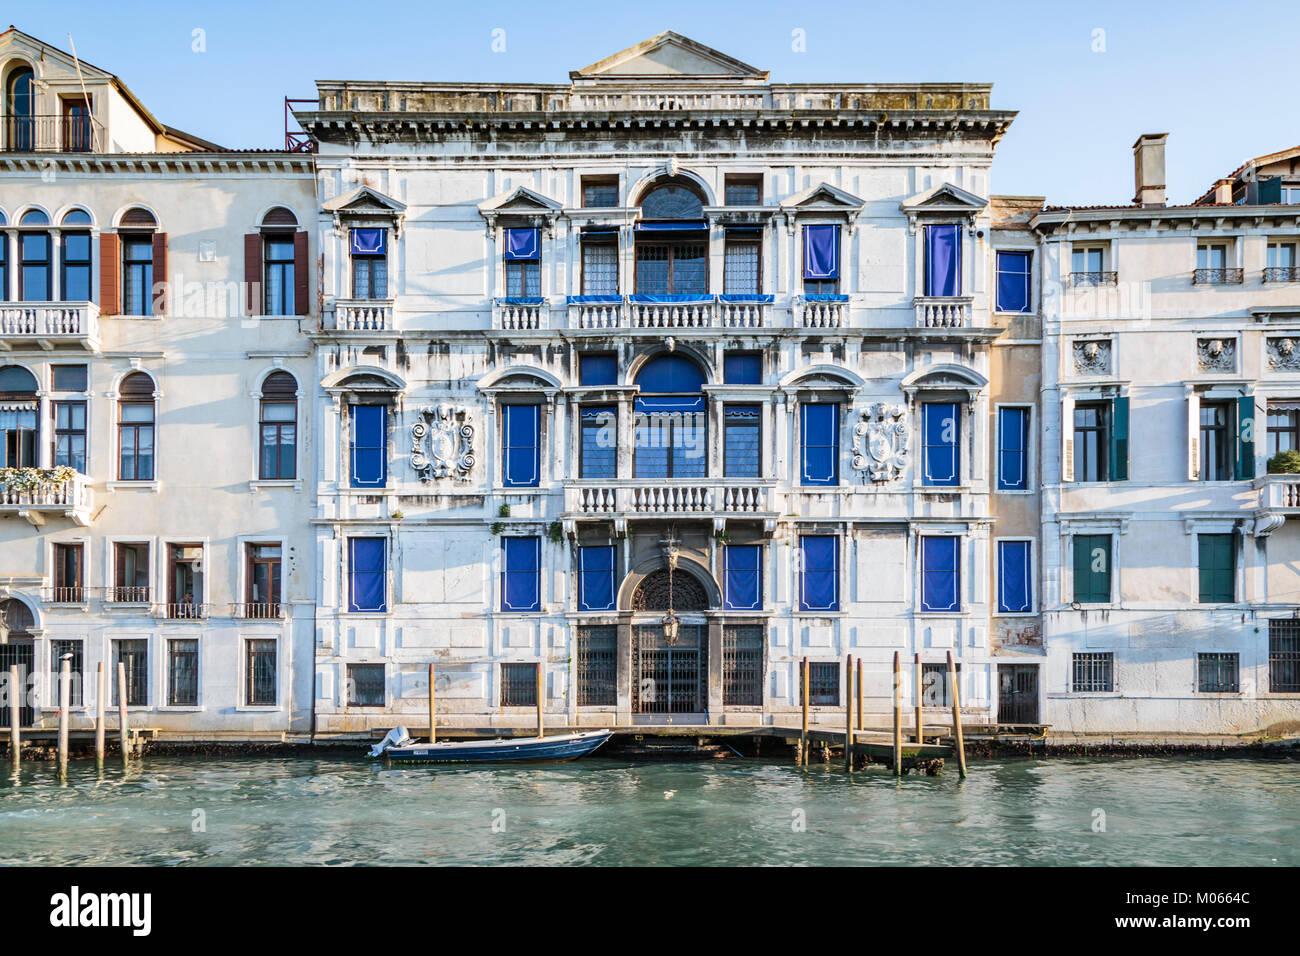 Bateaux bâtiments et les gondoles sur le Grand Canal navigable en Vénétie, Venise, Italie, Europe, Photo Stock